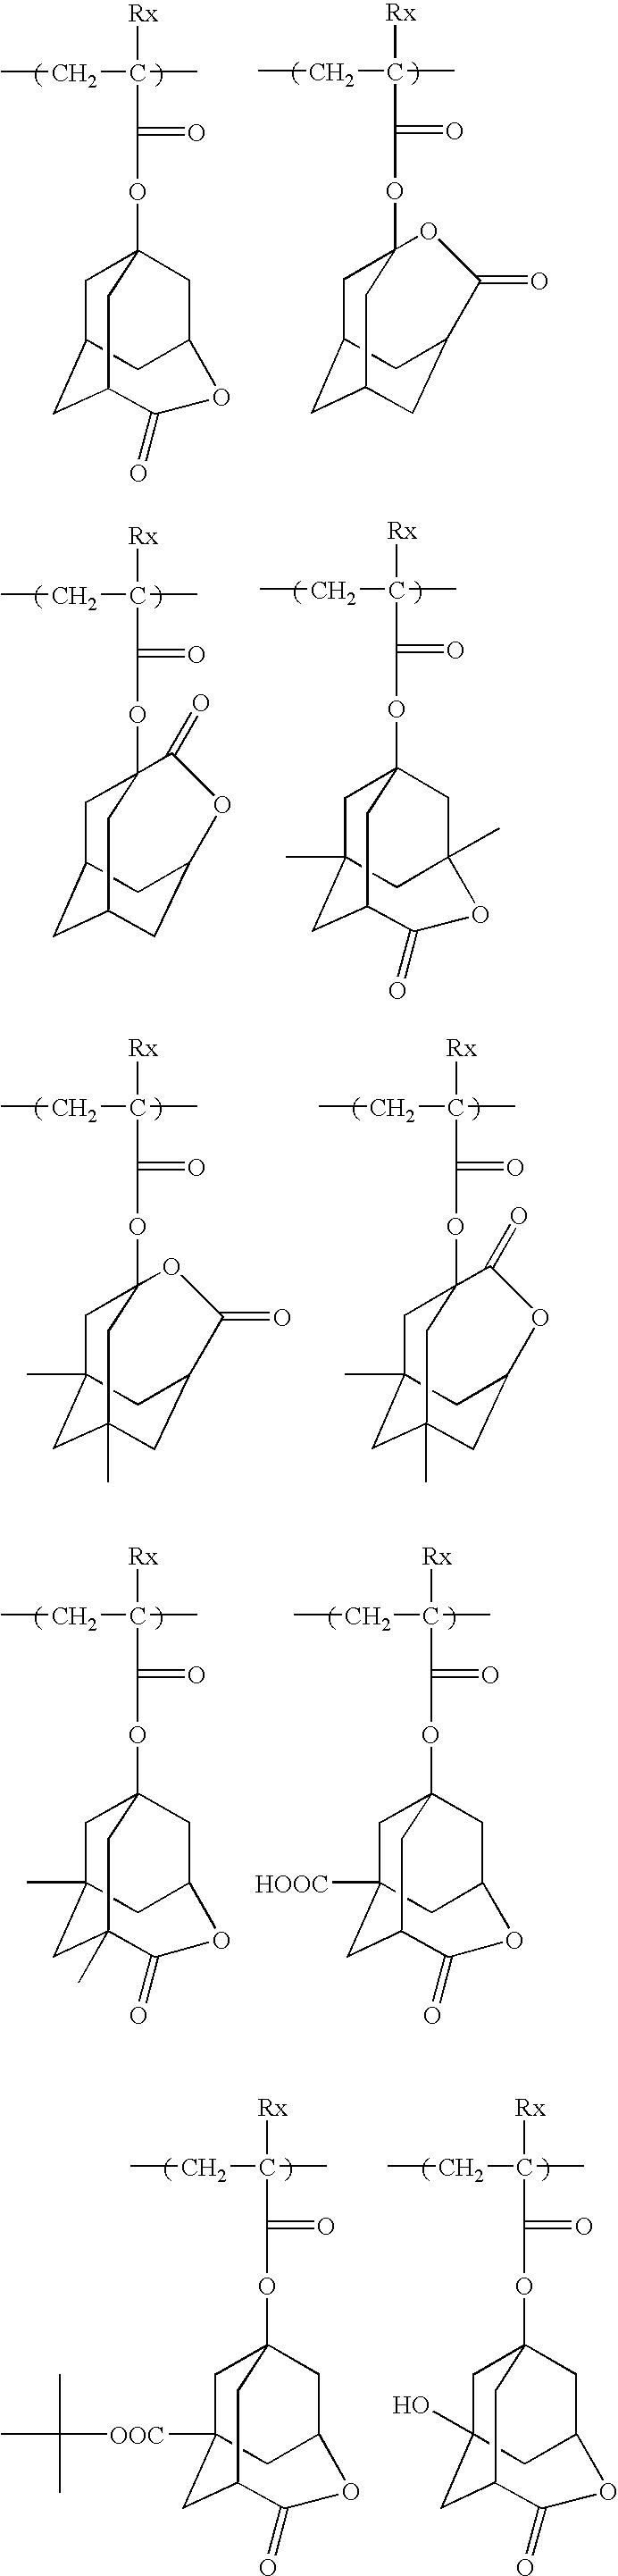 Figure US08741537-20140603-C00029